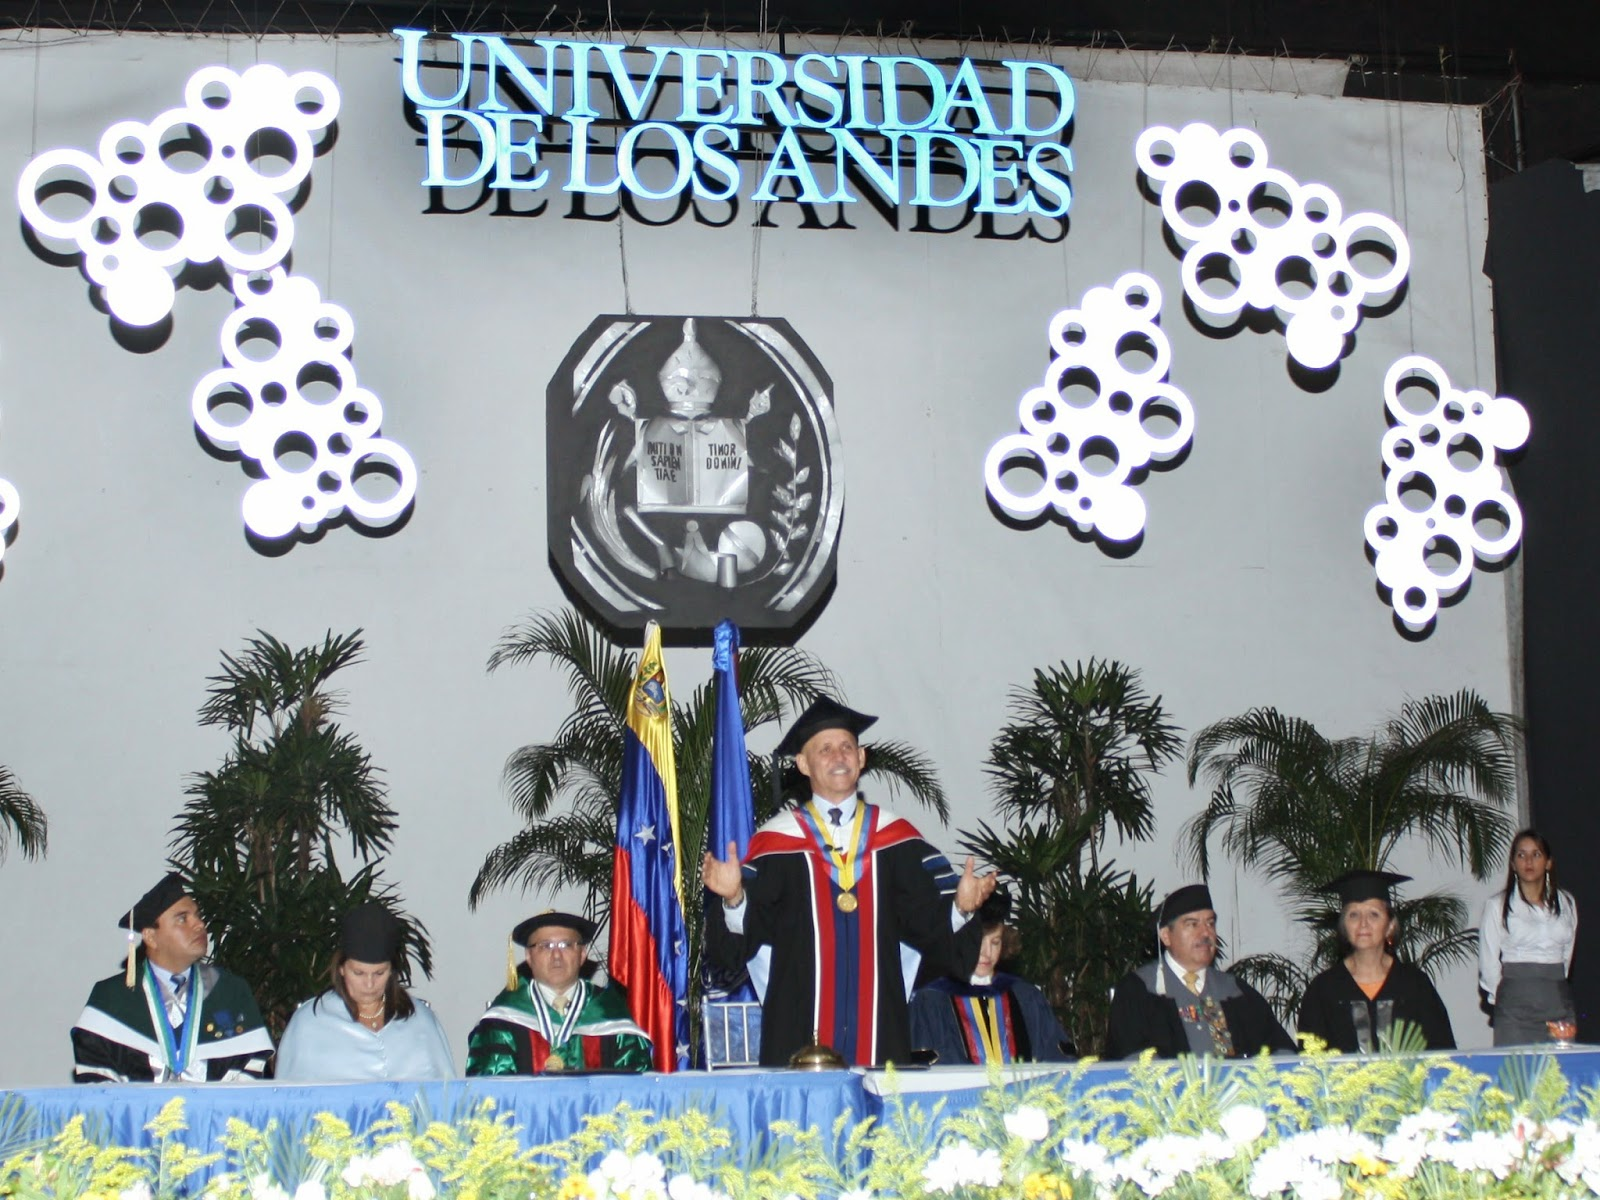 El rector Bonucci animó a luchar por la pluralidad dentro y fuera de la Universidad. (Foto: Moisés Vivas)